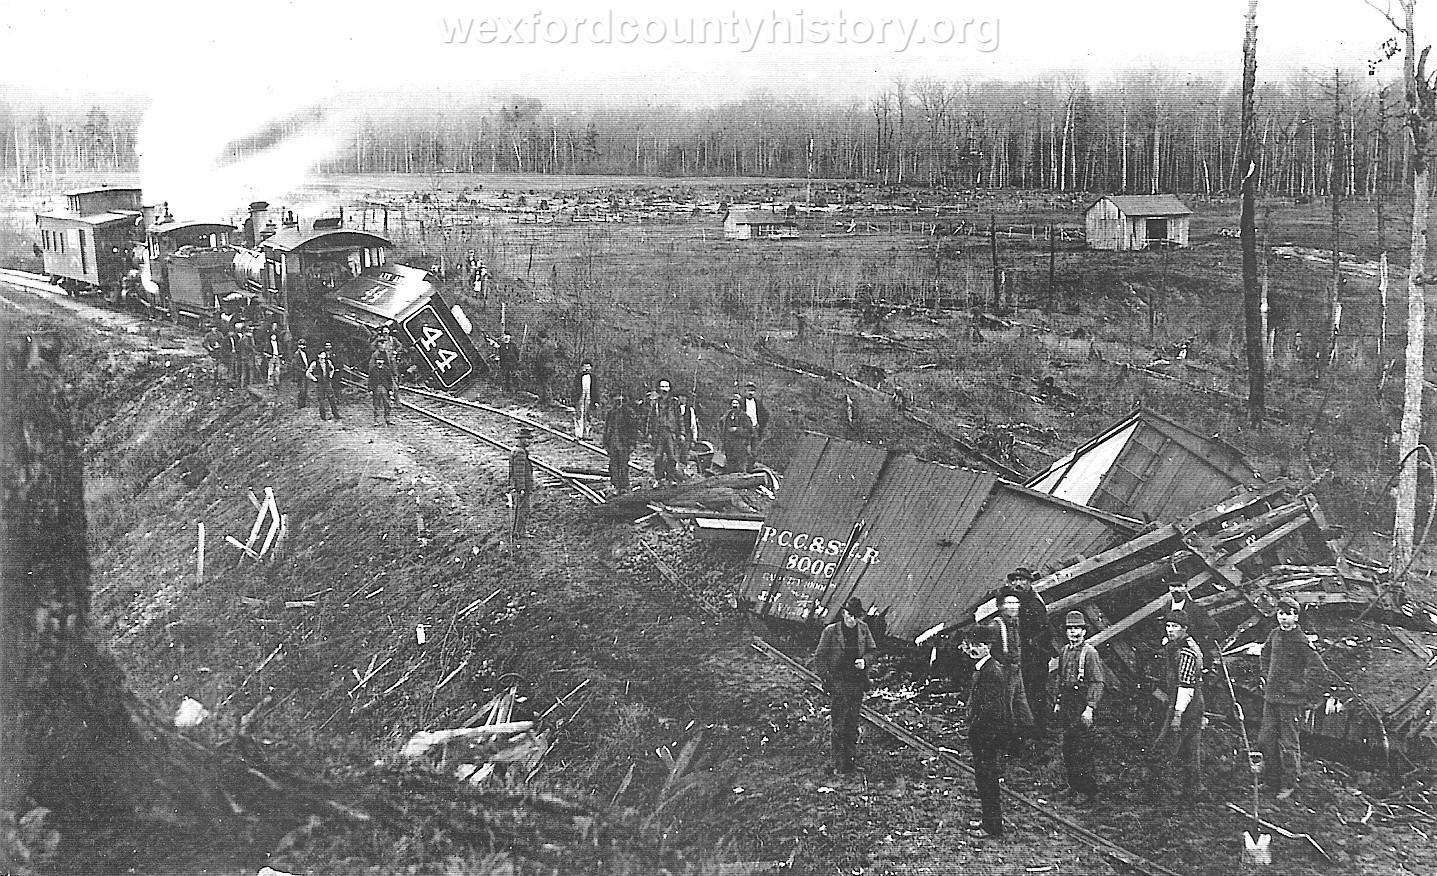 Cadillac-Railroad-Ann-Arbor-Train-Wreck-1899-DS2ts7219